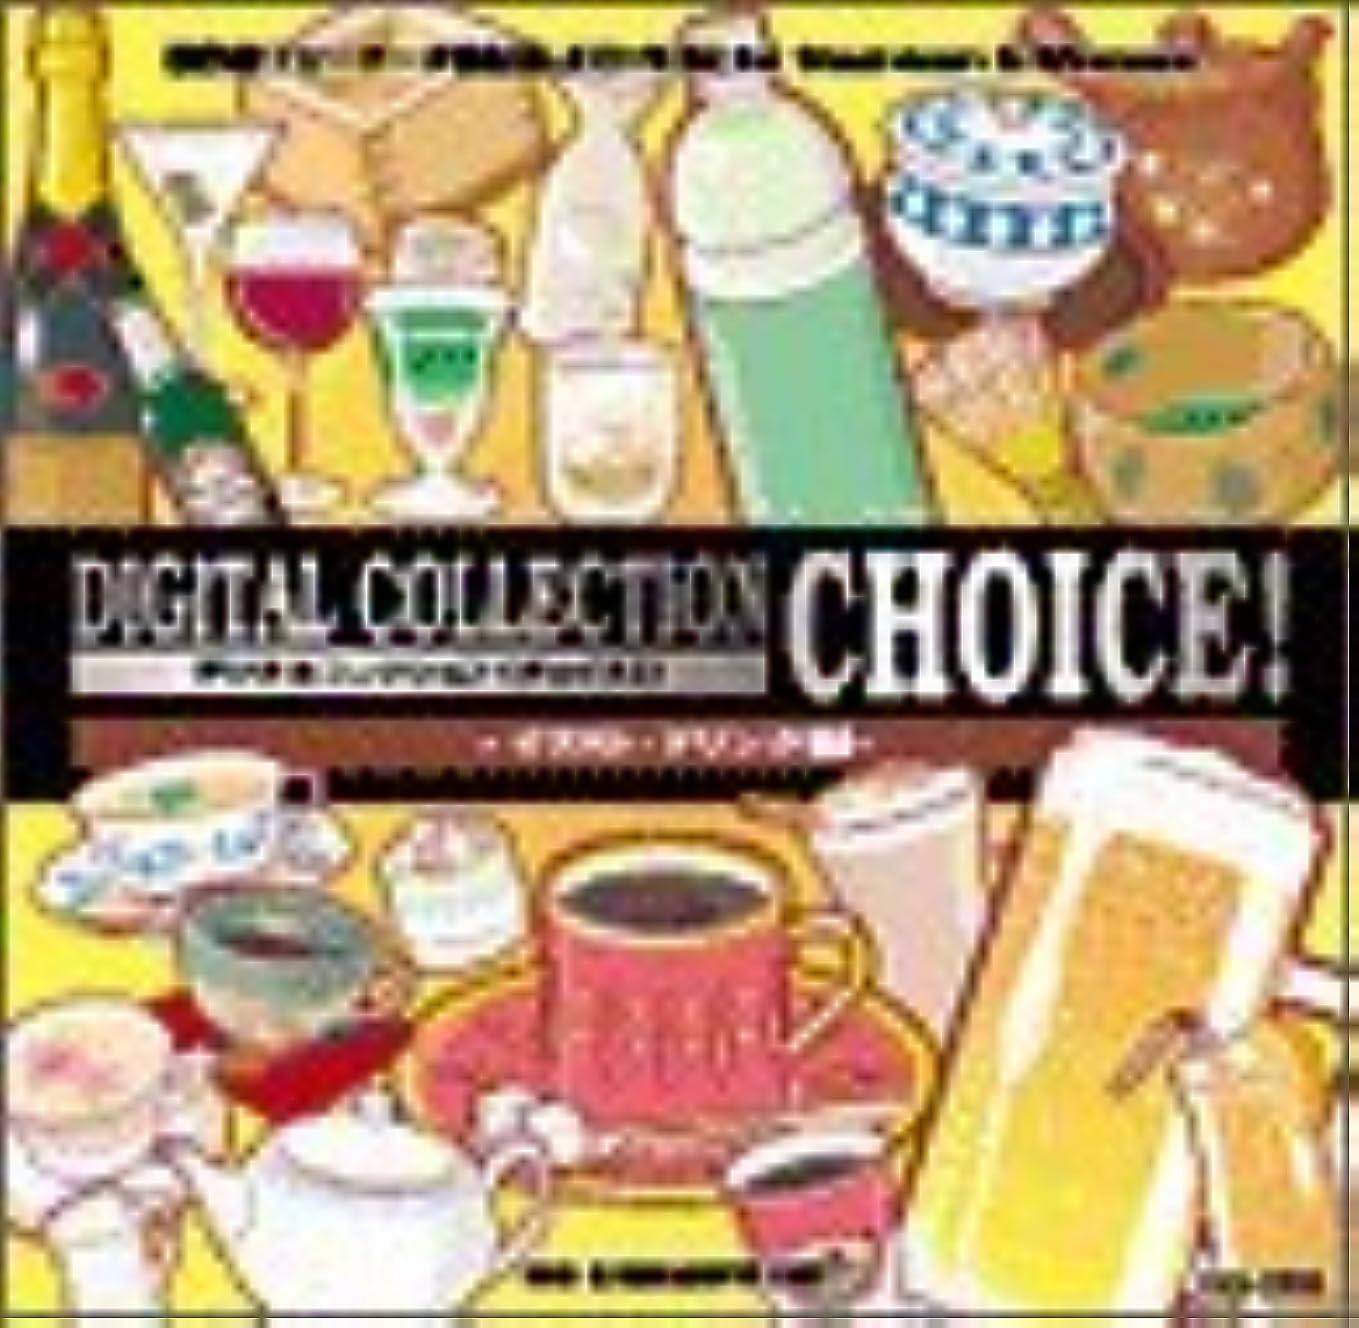 階下画家ゴルフDigital Collection Choice! イラスト?ドリンク編